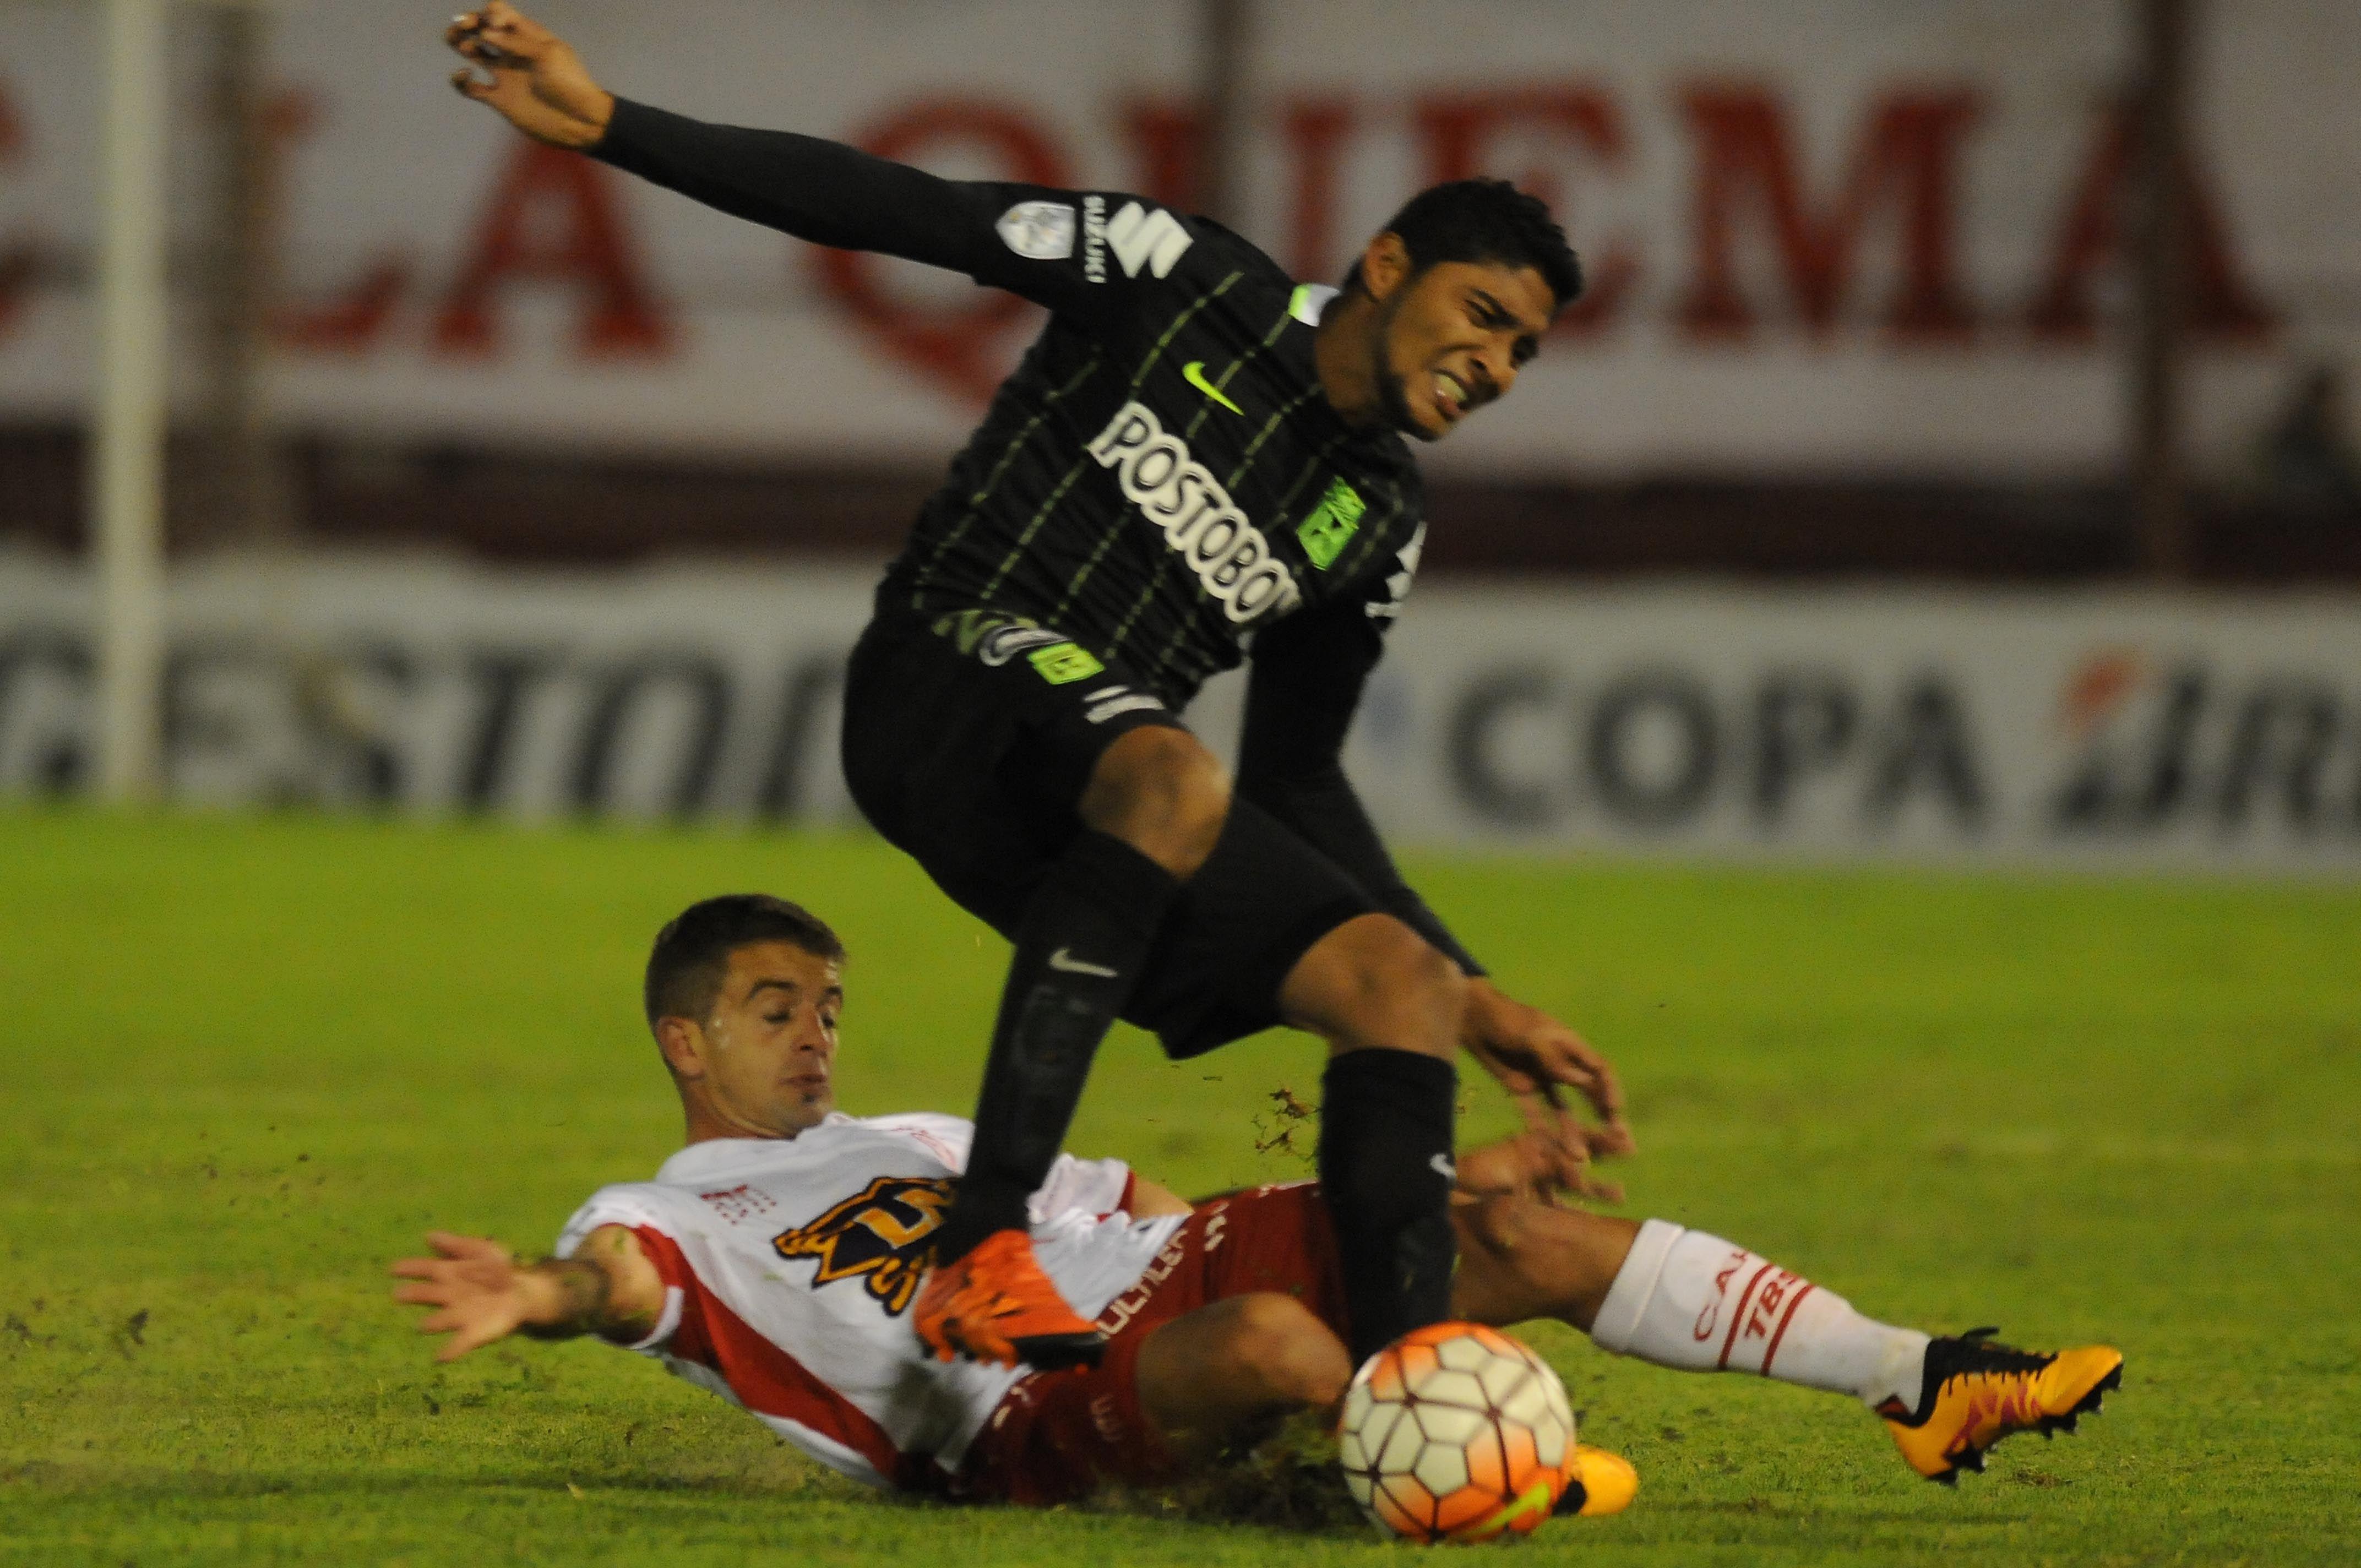 Las fotos del empate entre Huracán y Nacional de Medellín